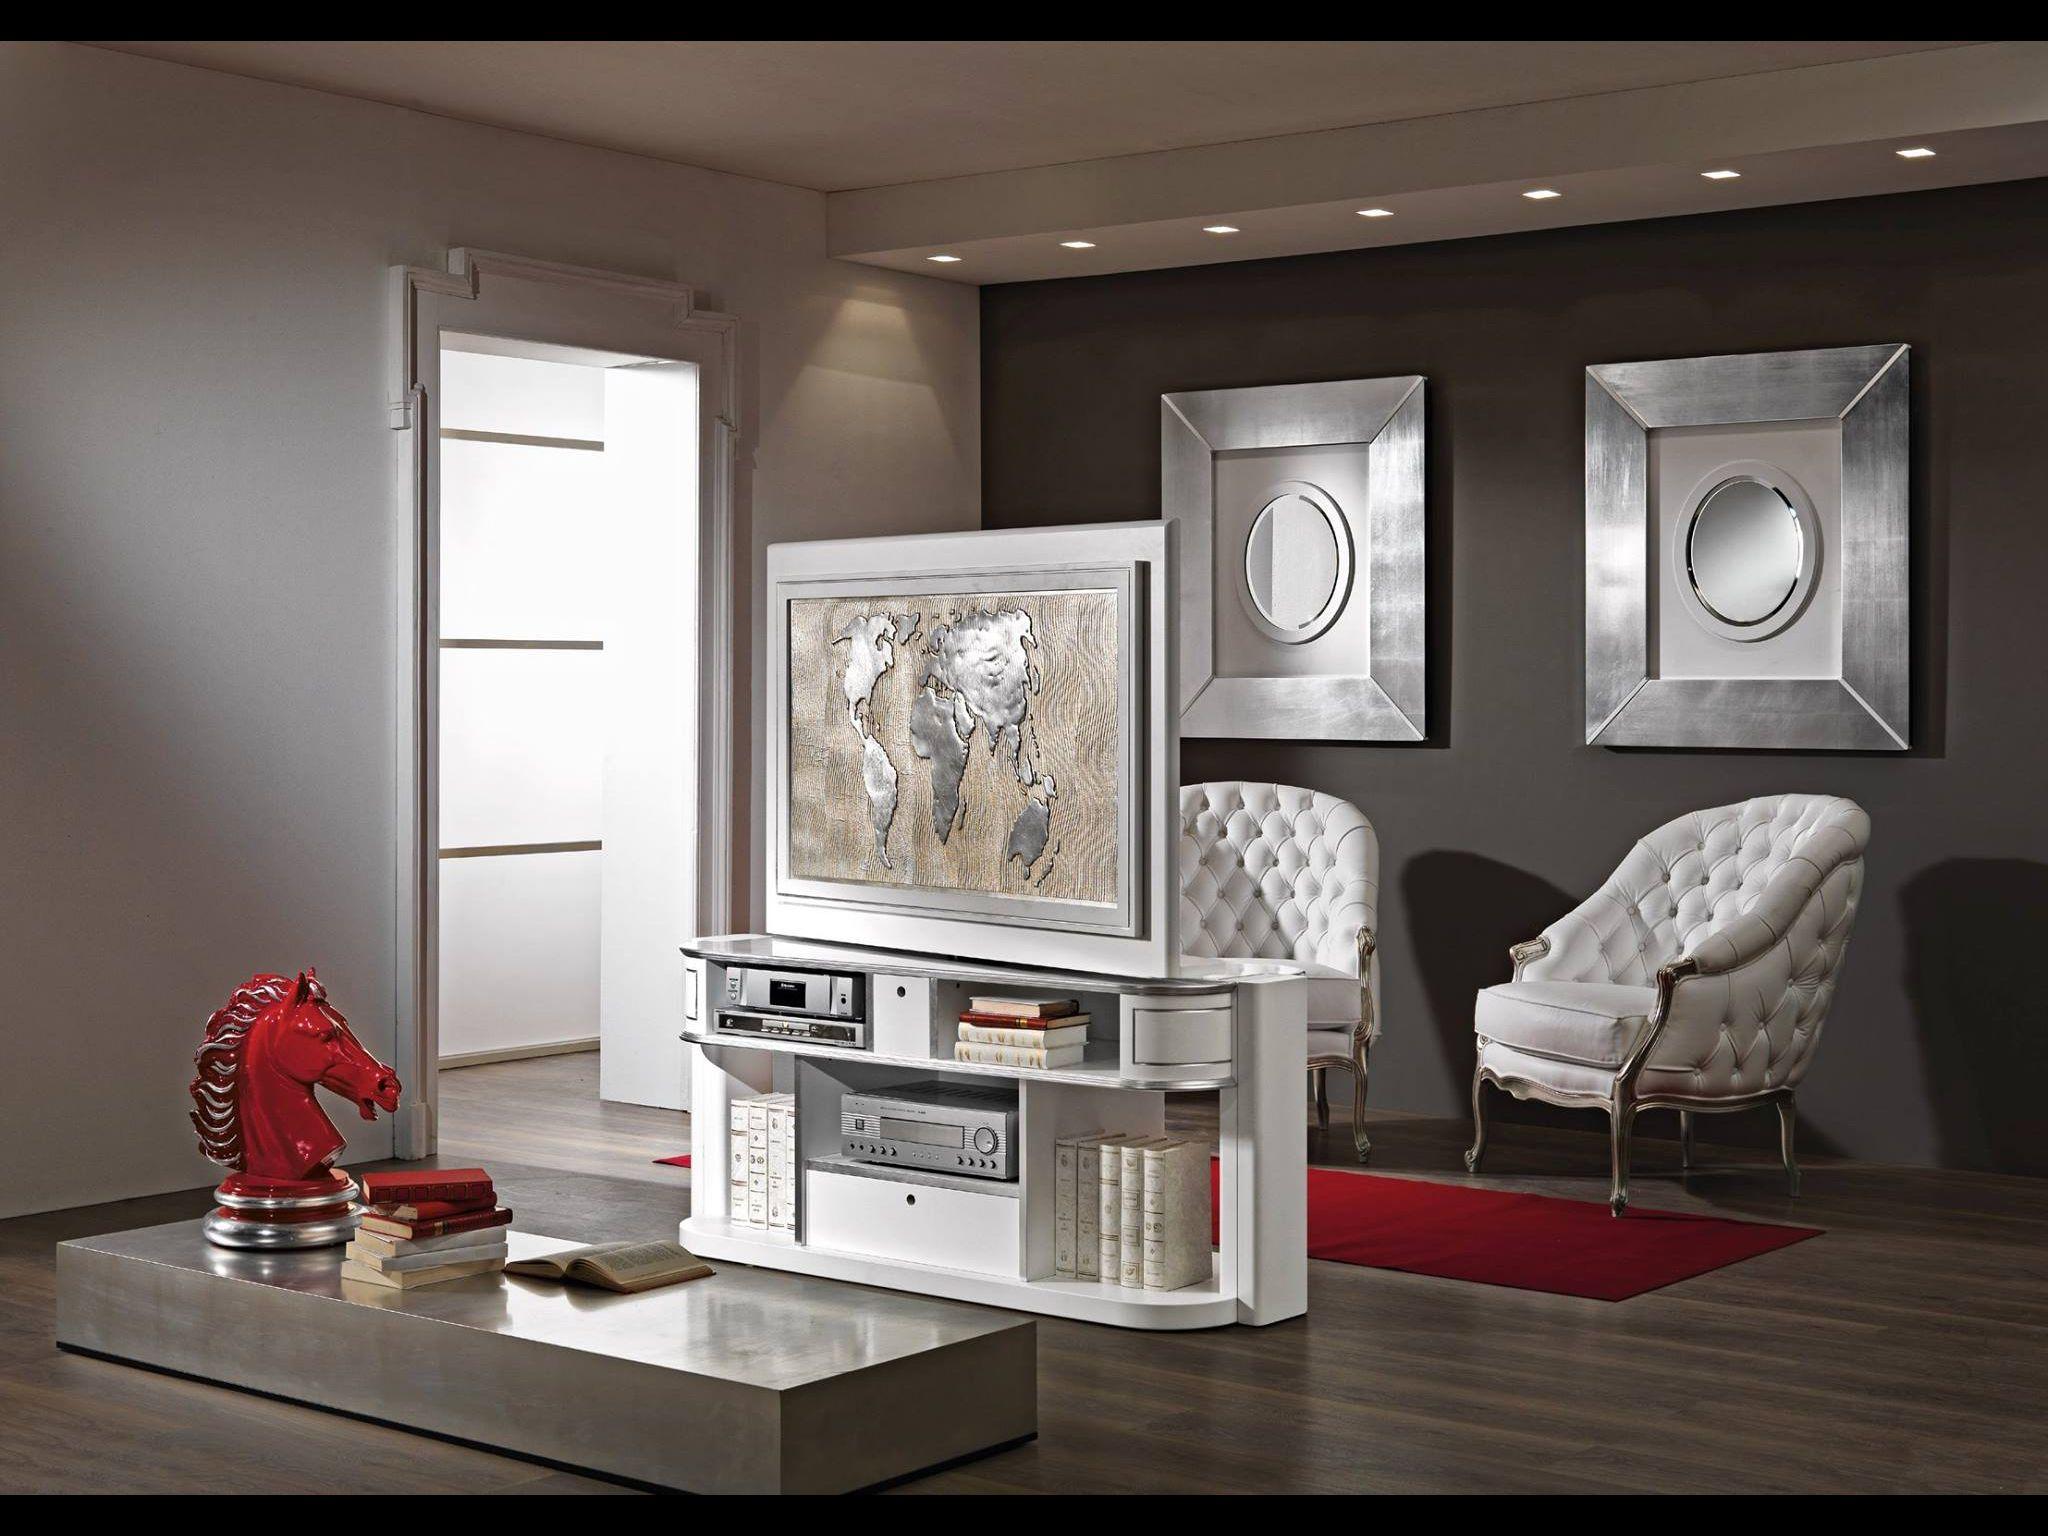 Revolving Tv Stand Vismara Design For Middle Room Tv Turn